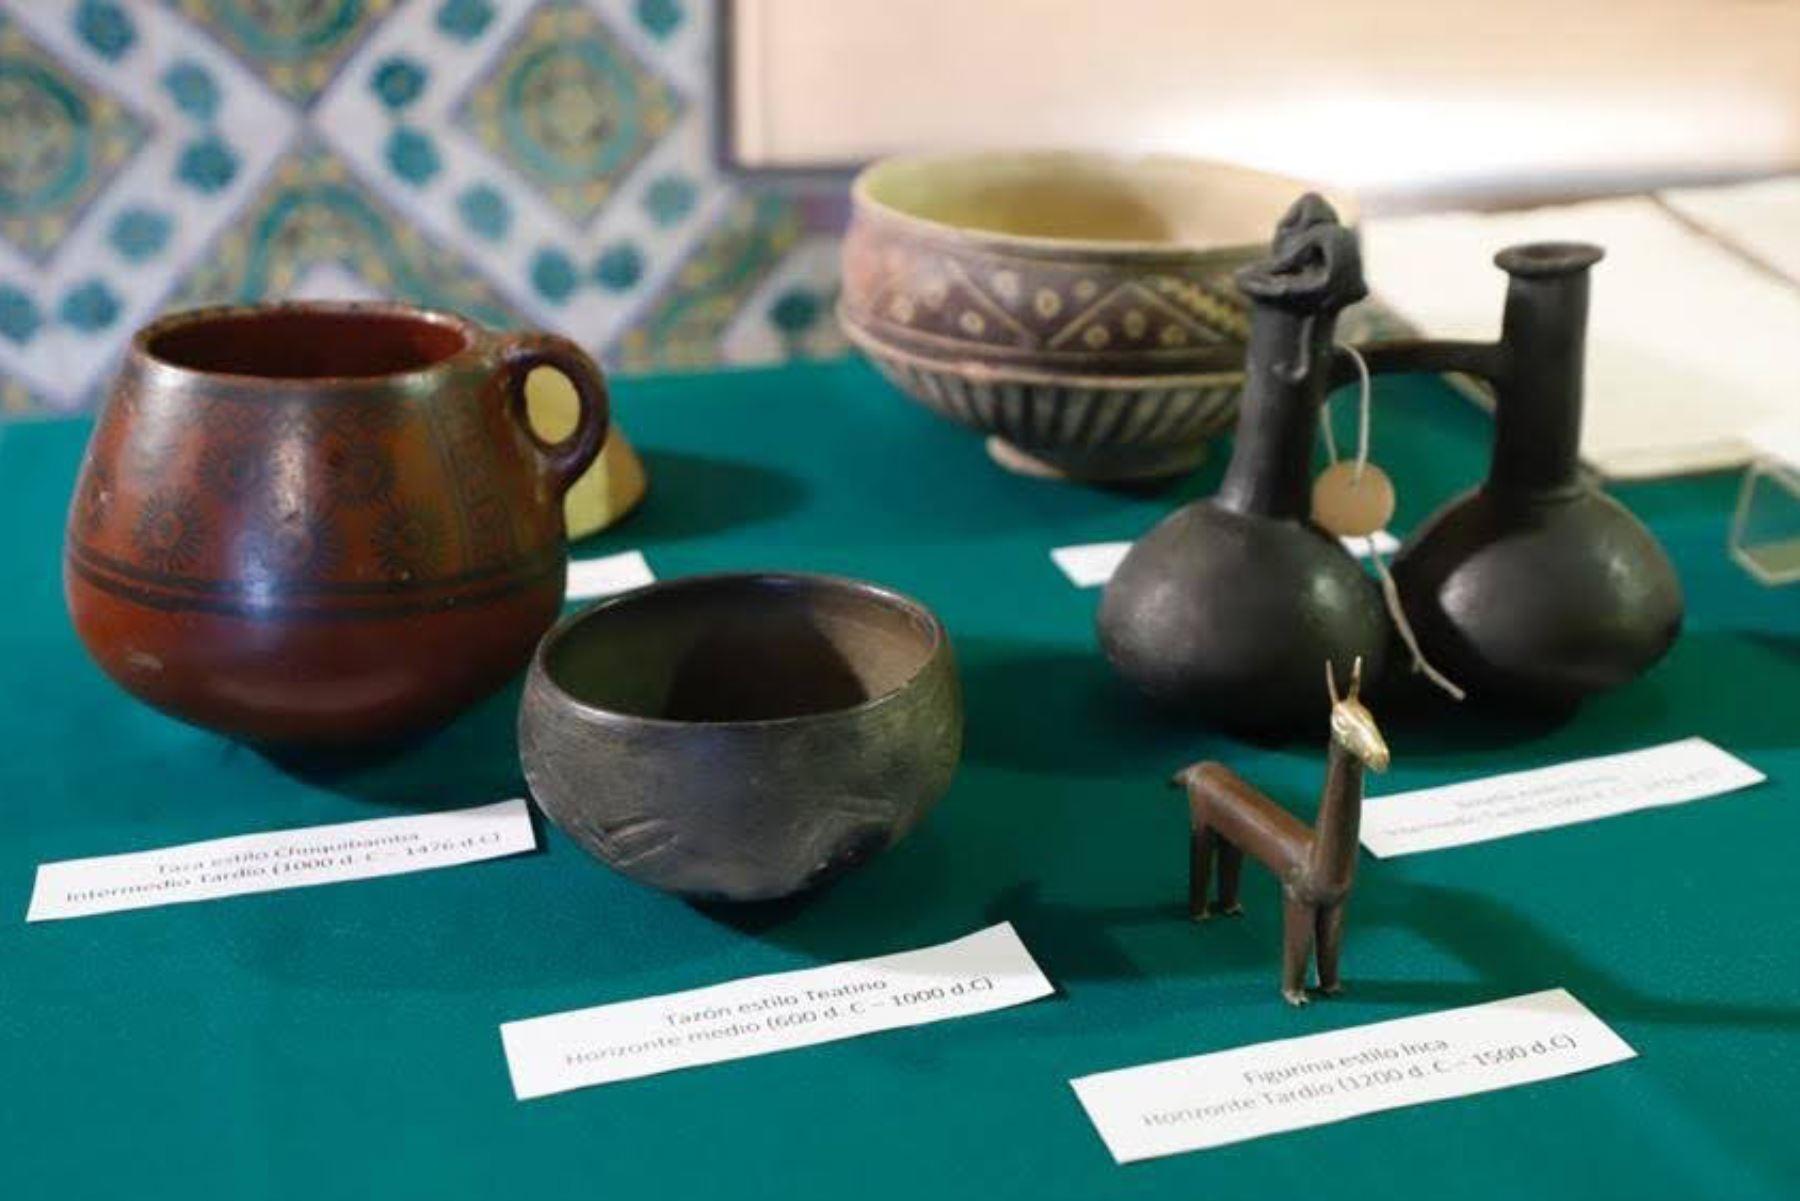 El Ministerio de Relaciones Exteriores entregó valiosos ceramios, textiles y piezas de orfebrería prehispánicos; así como bienes documentales coloniales. Foto: Ministerio de Cultura